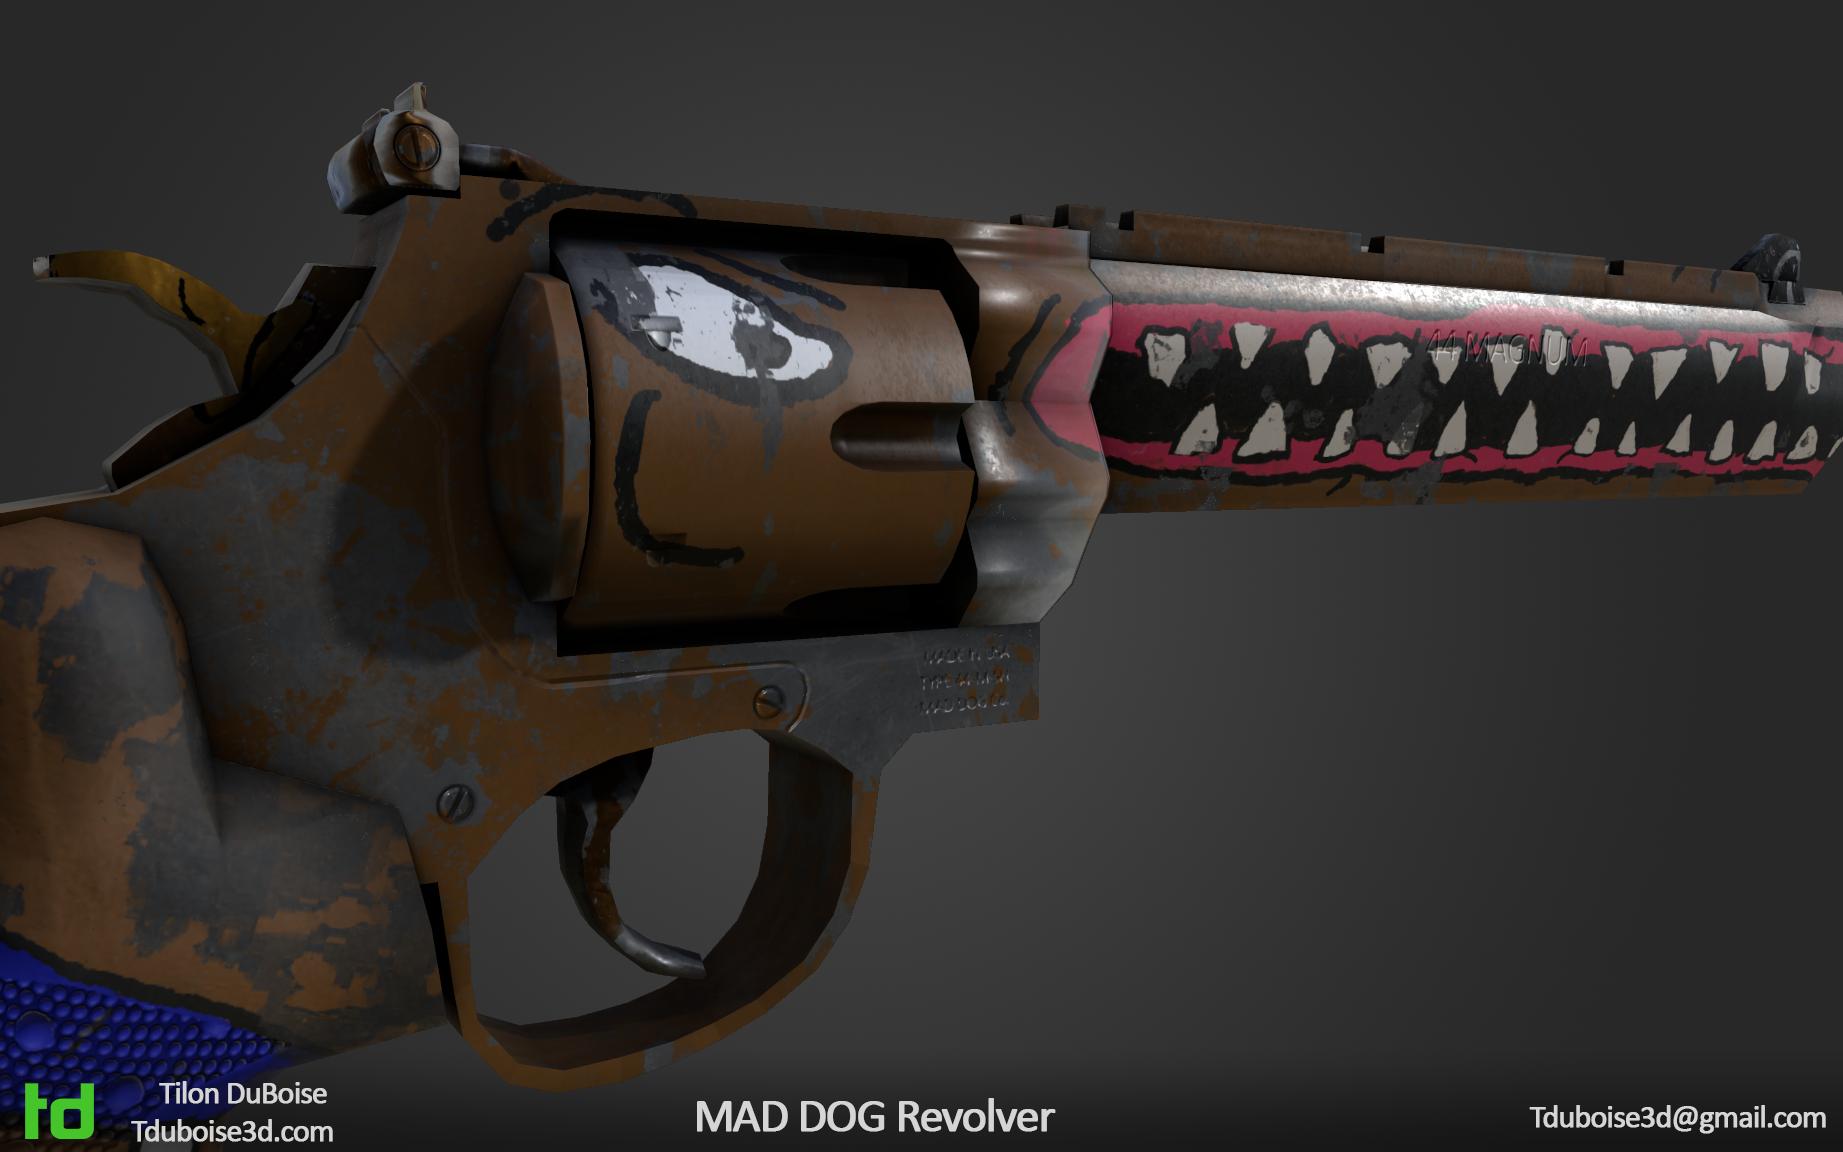 MadDog-Revolver-poster5